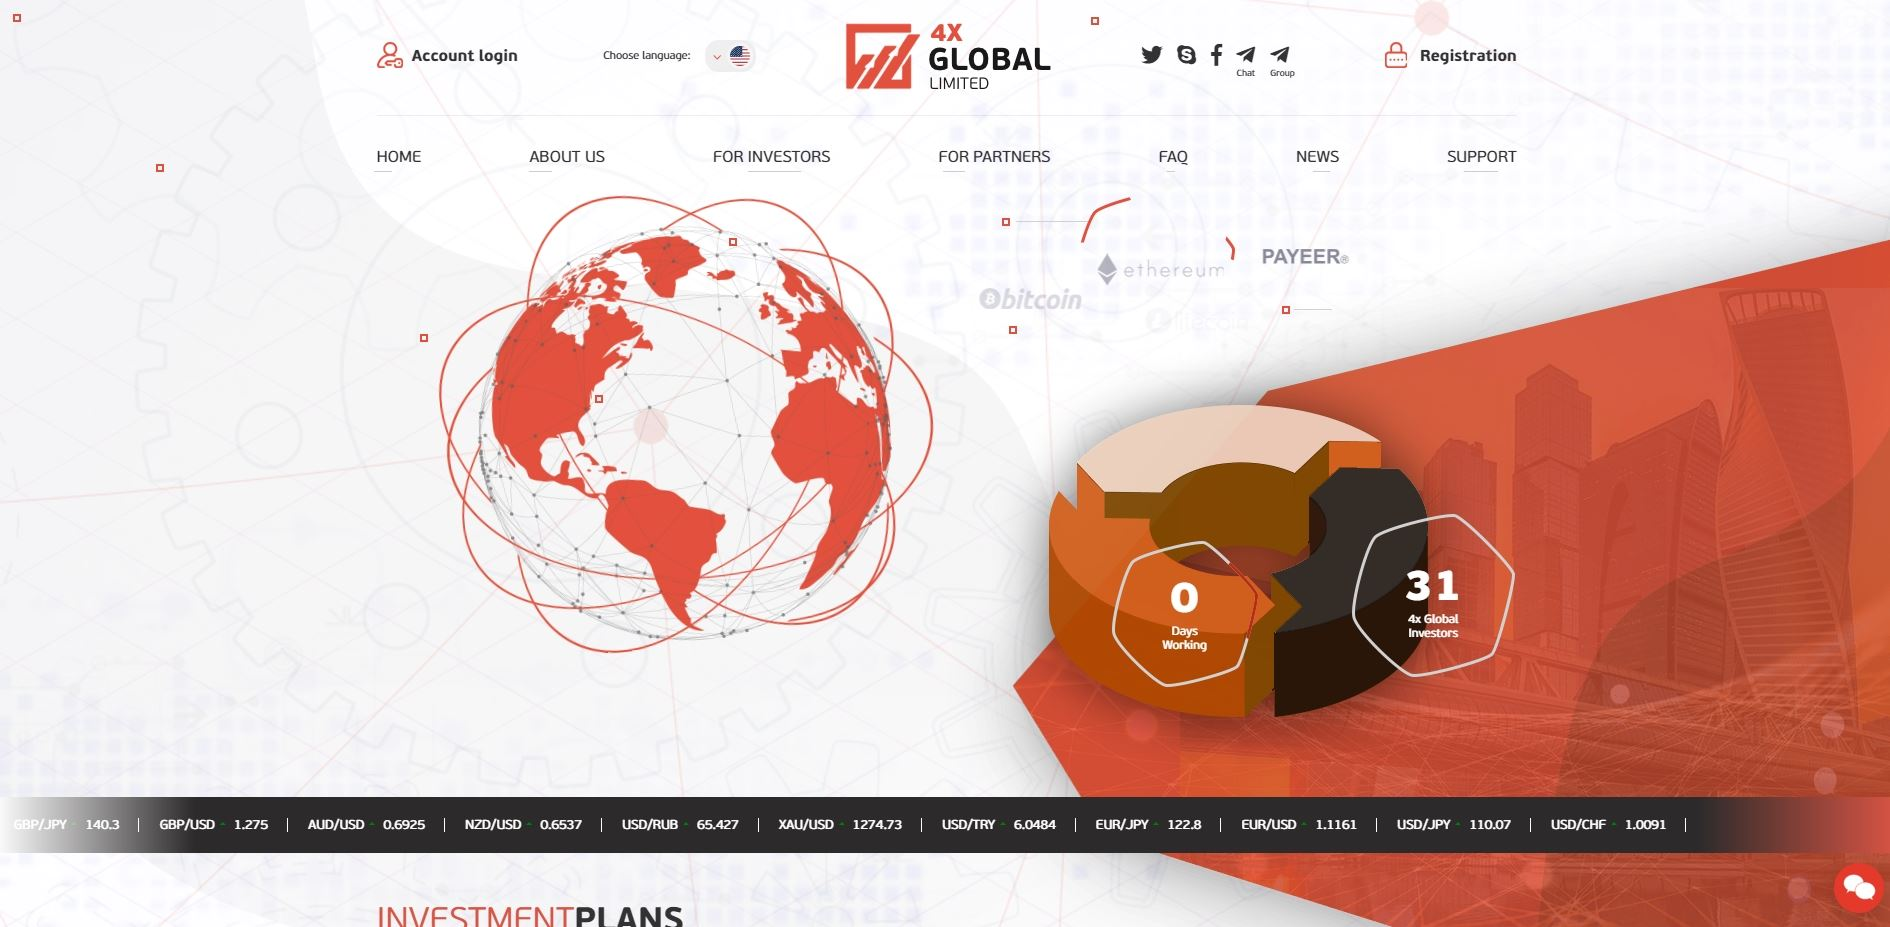 4x Global